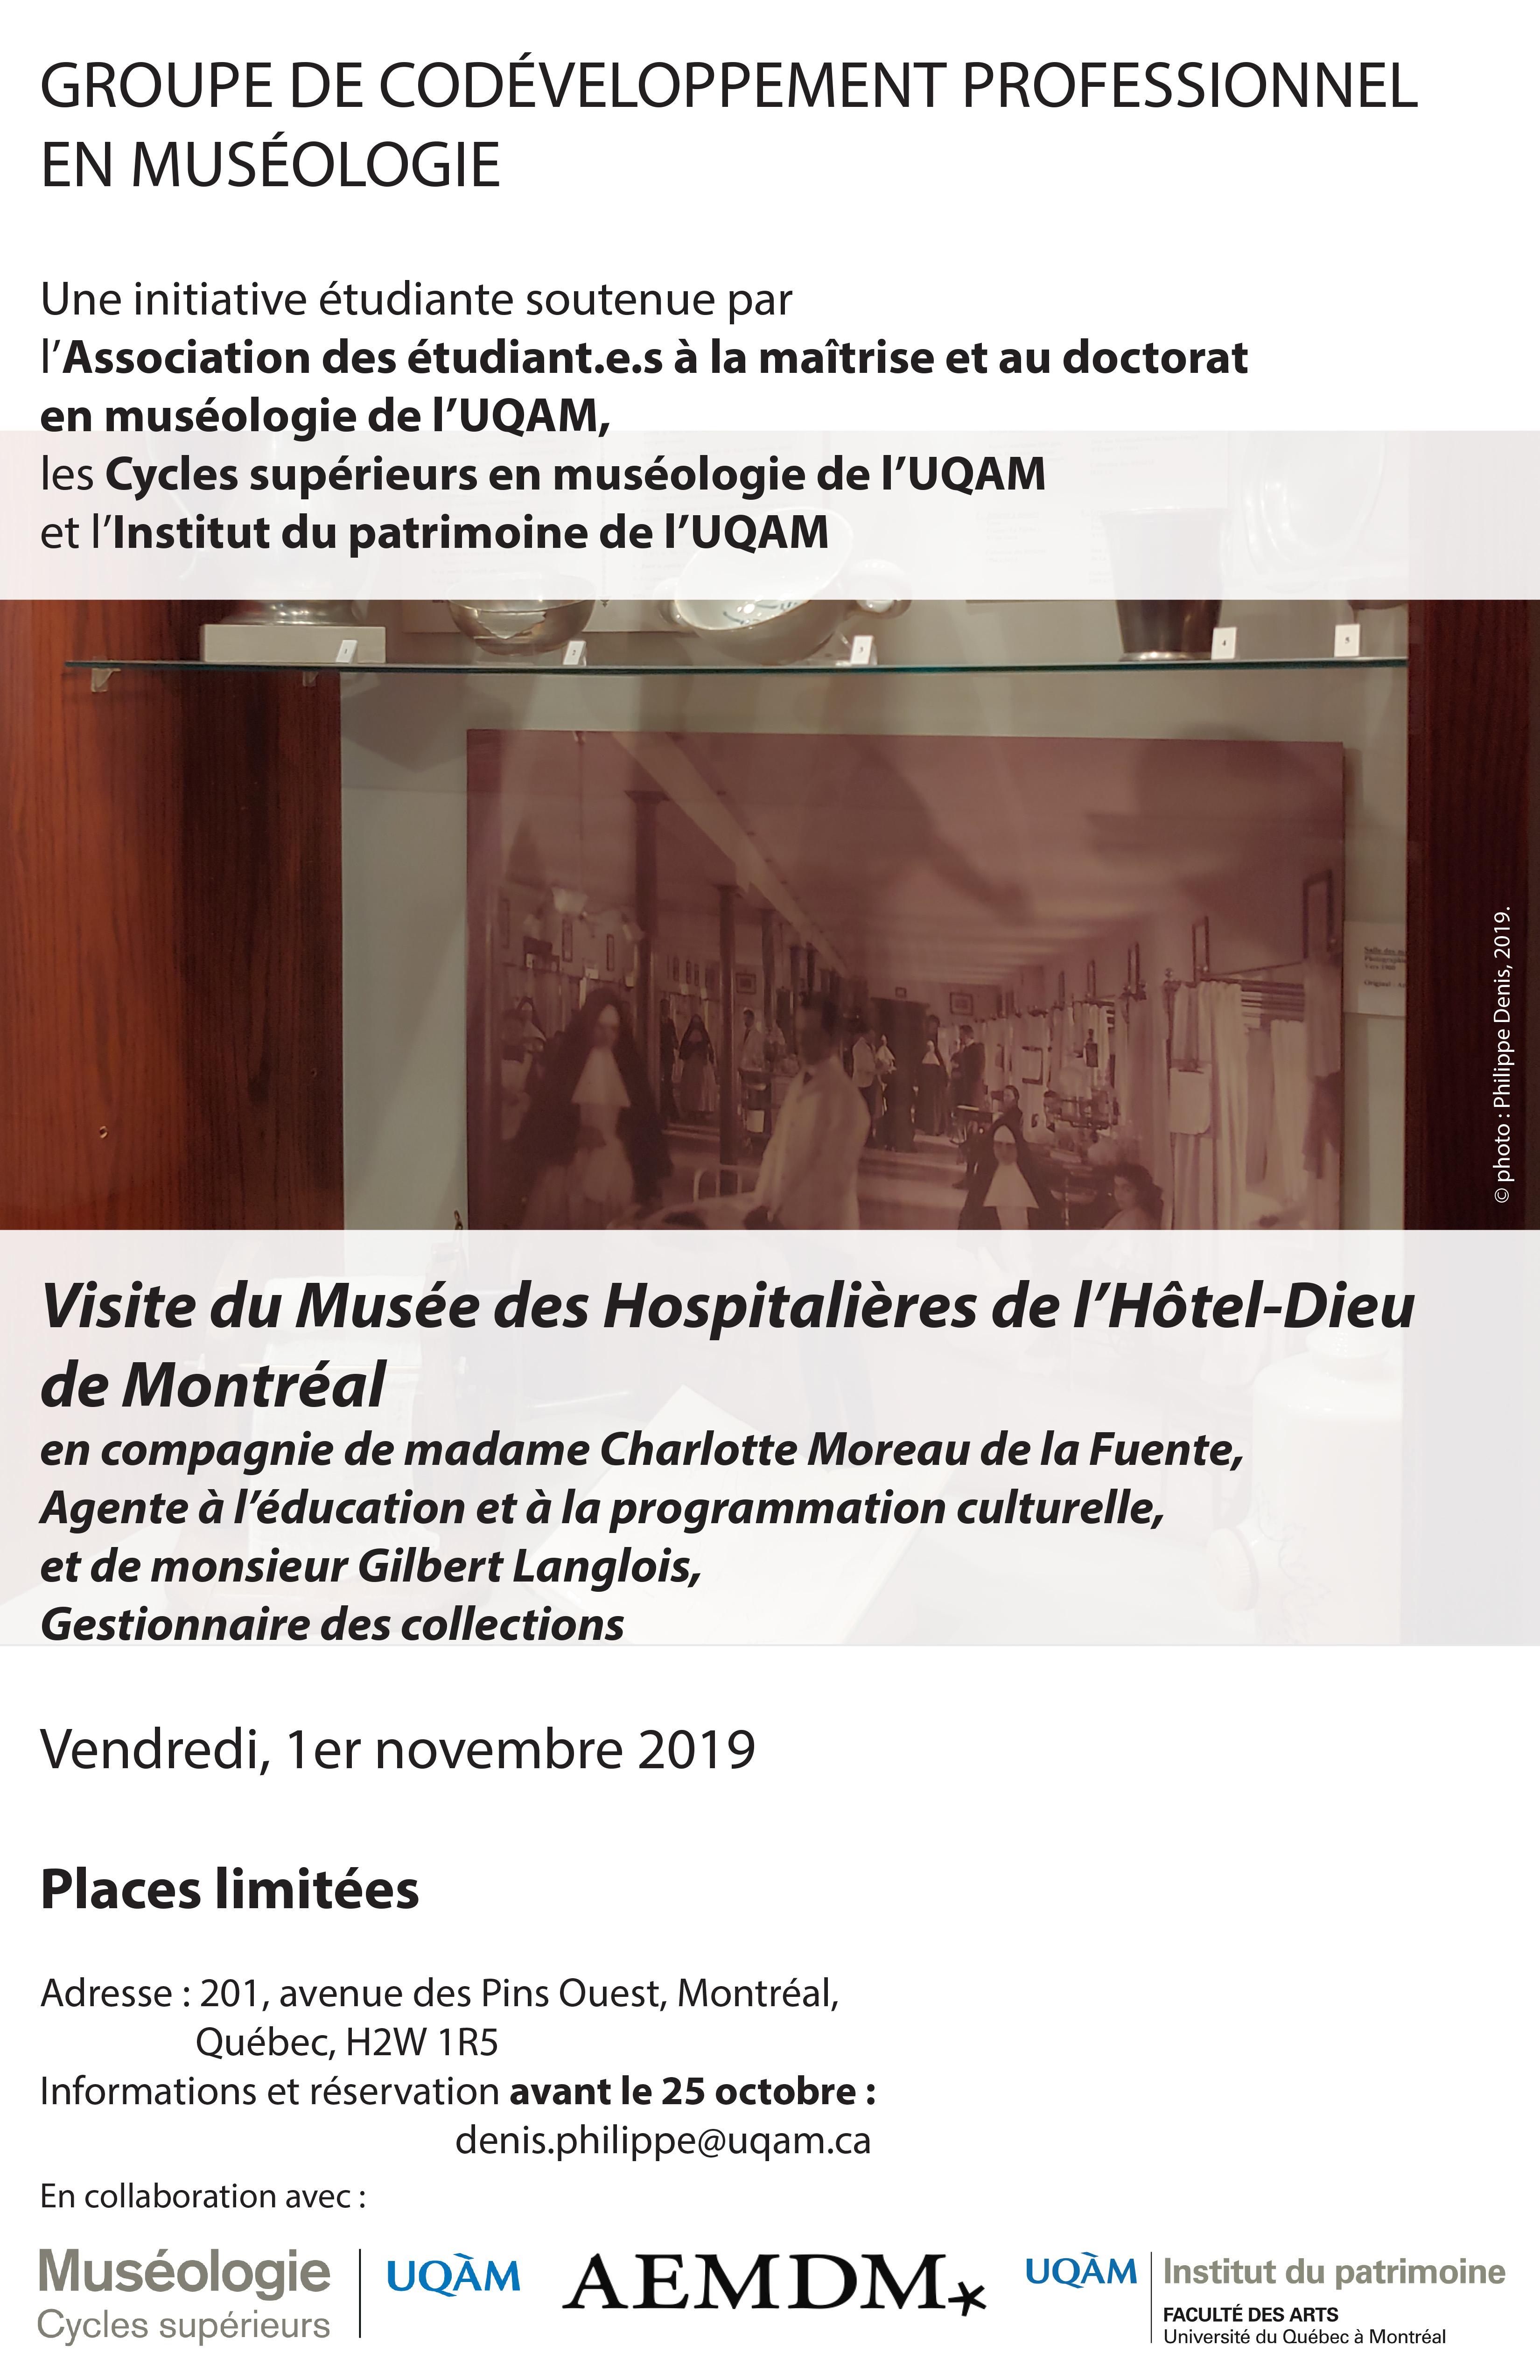 Groupe de codéveloppement professionnel en muséologie / Musée des Hospitalières de l'Hôtel-Dieu de Montréal